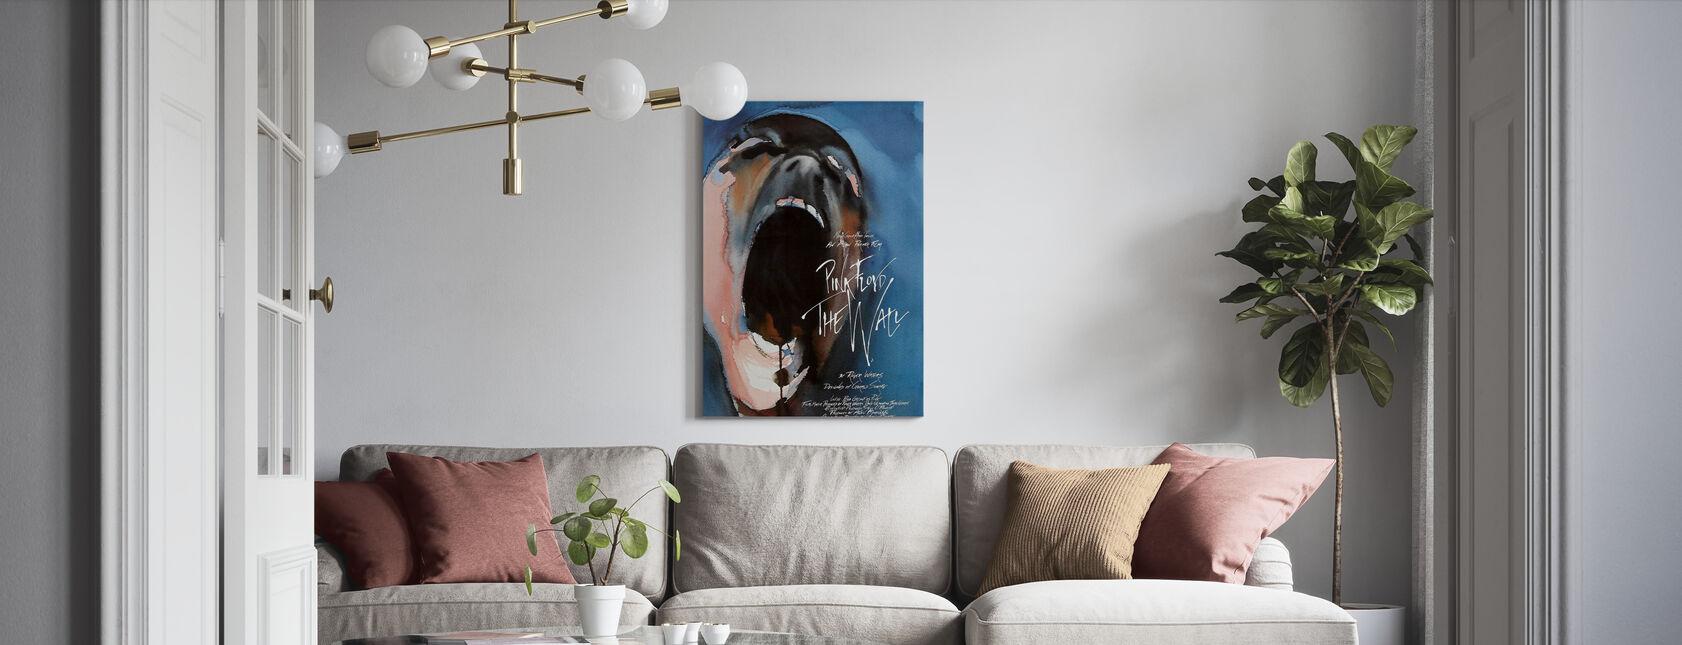 Væg - Pink Floyd - Billede på lærred - Stue